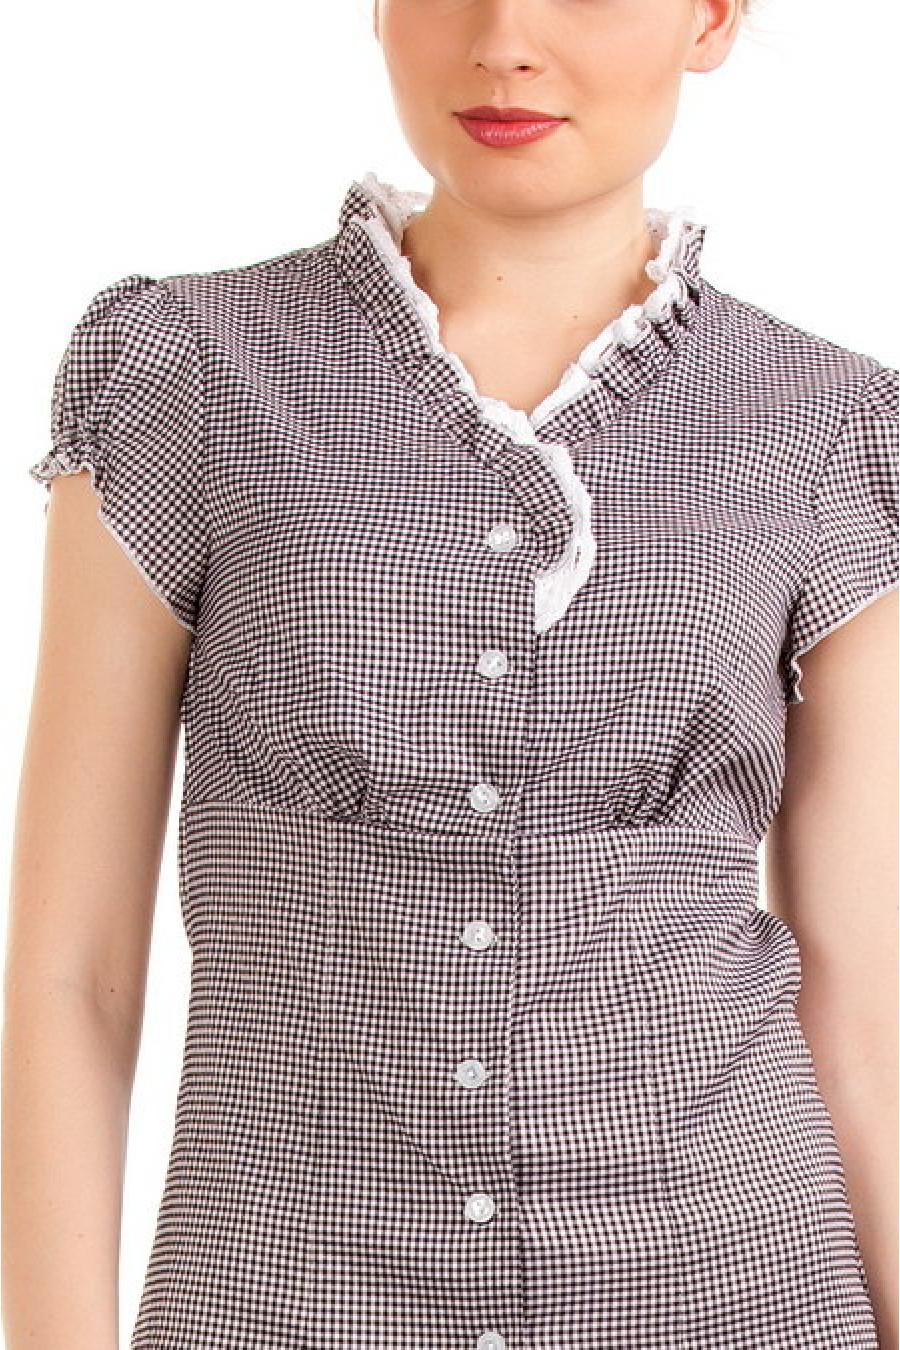 Блузка Из Хлопка Купить В Нижнем Новгороде